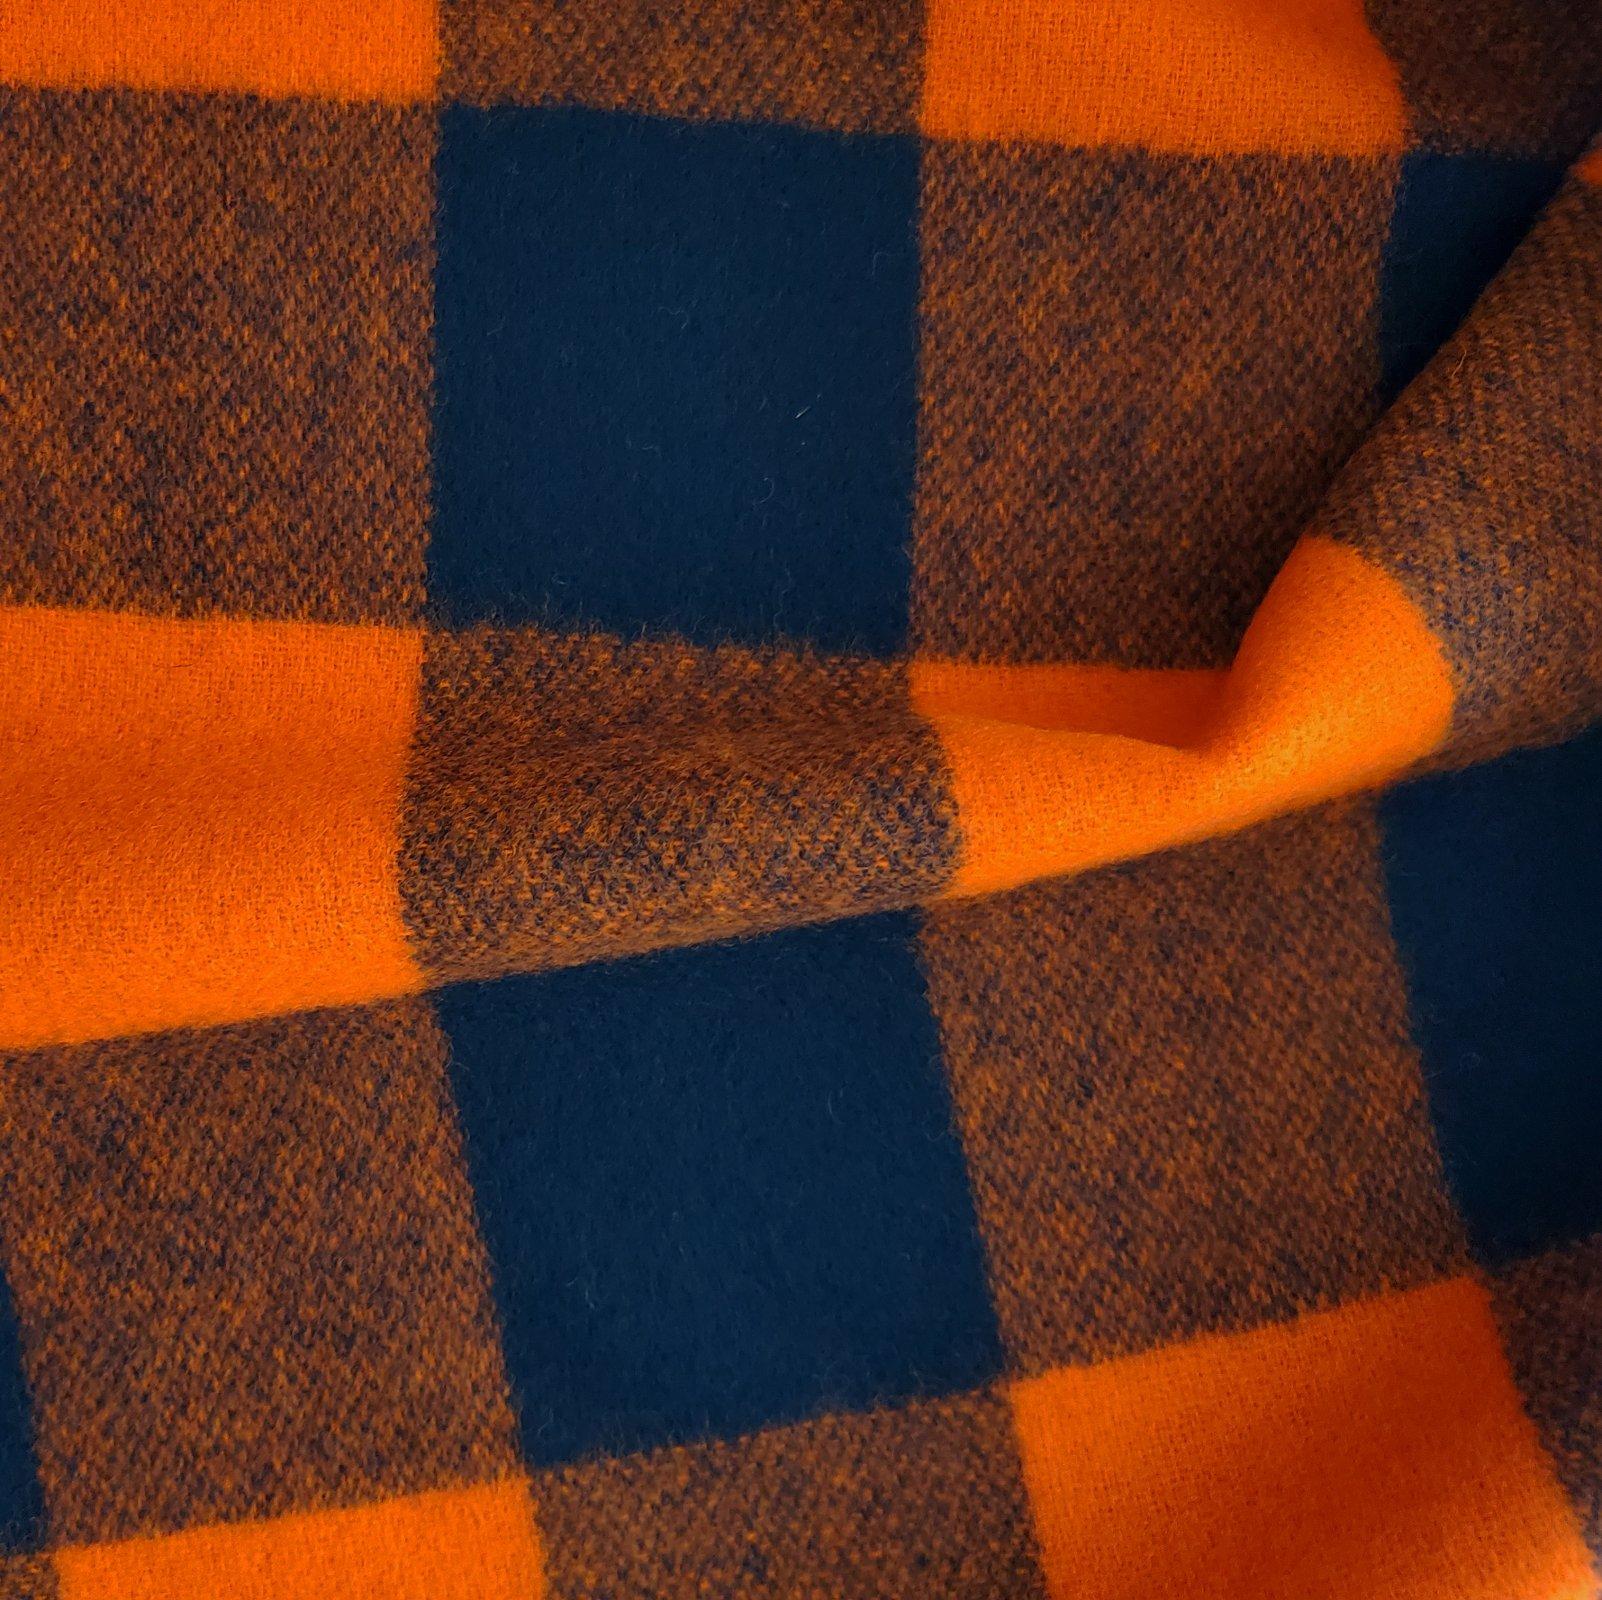 Fabric Wool Coating Blaze Orange/Black Buffalo Check